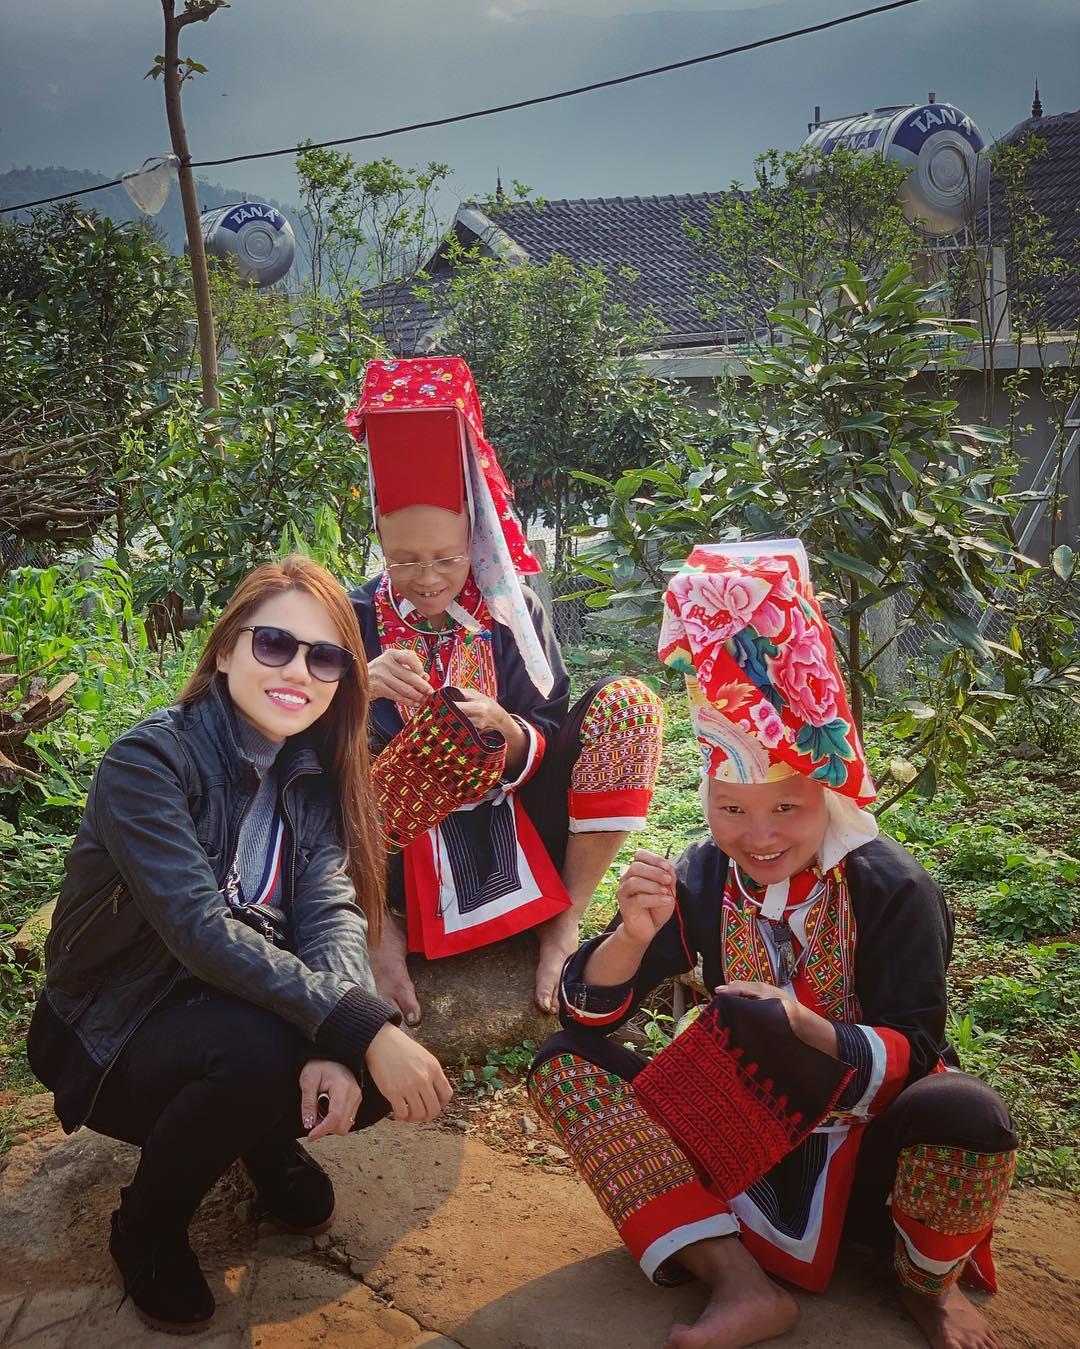 Tìm hiểu cuộc sống của người dân tộc Dao. Hình: @trangpinkyy